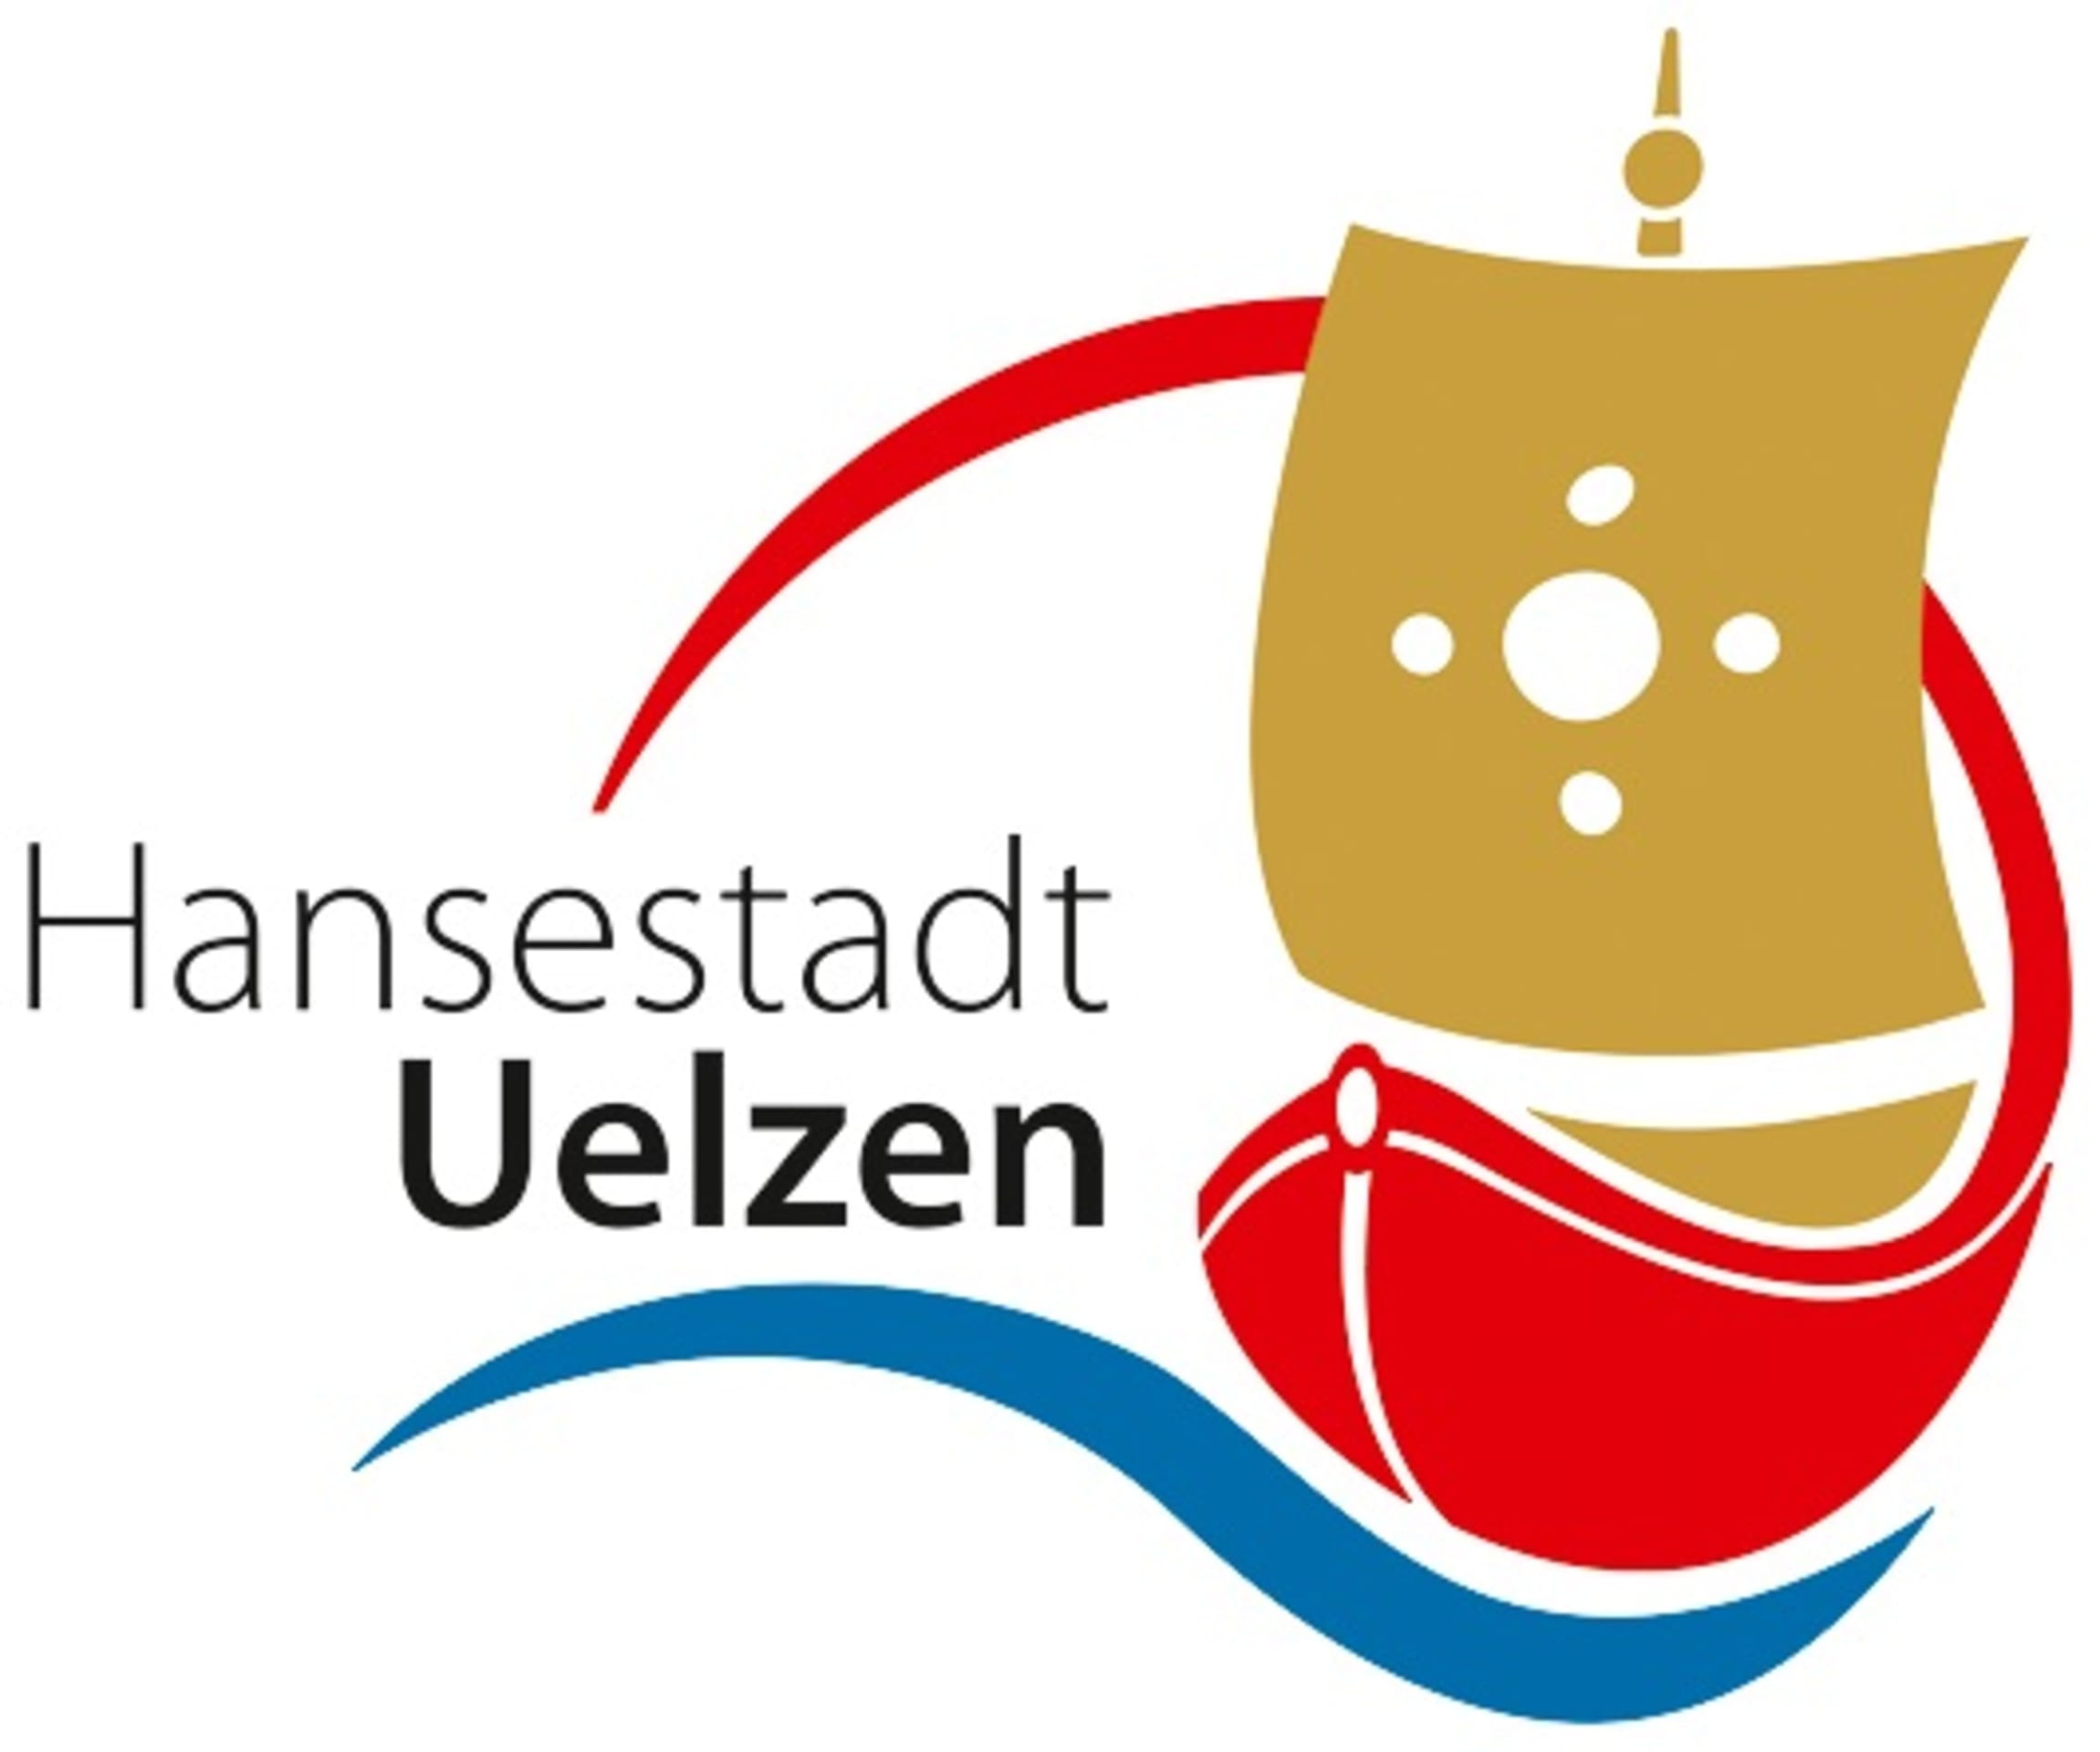 logo Hansestadt Uelzen